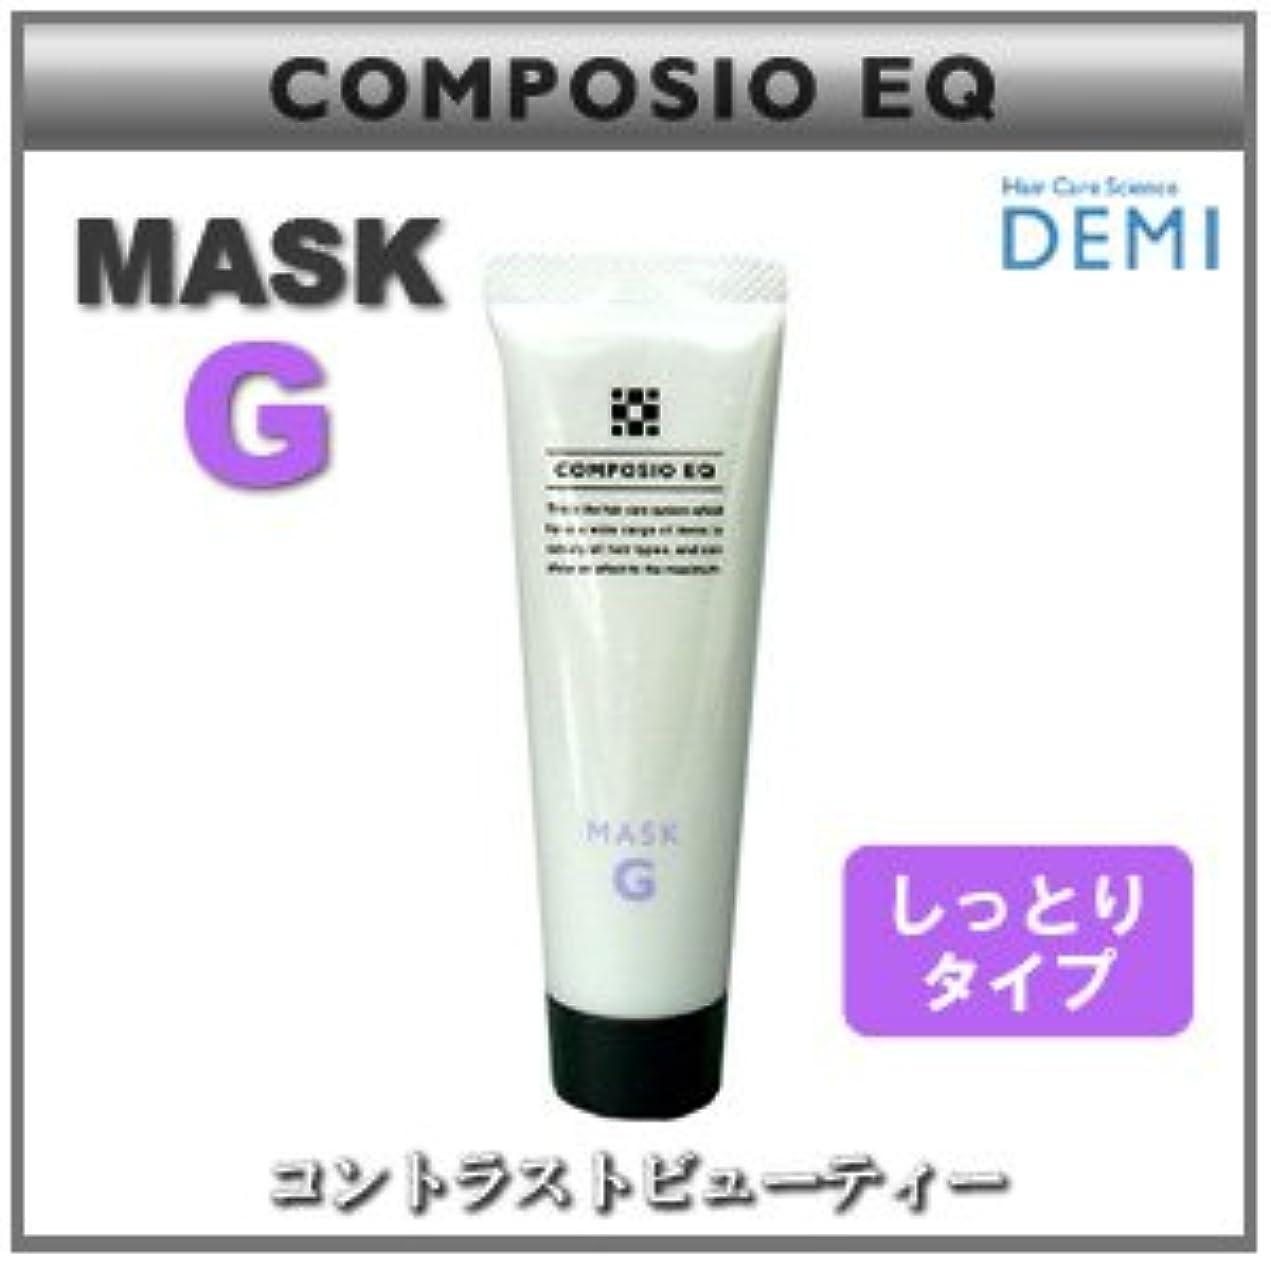 ソート霜楽な【X2個セット】 デミ コンポジオ EQ マスク G 50g